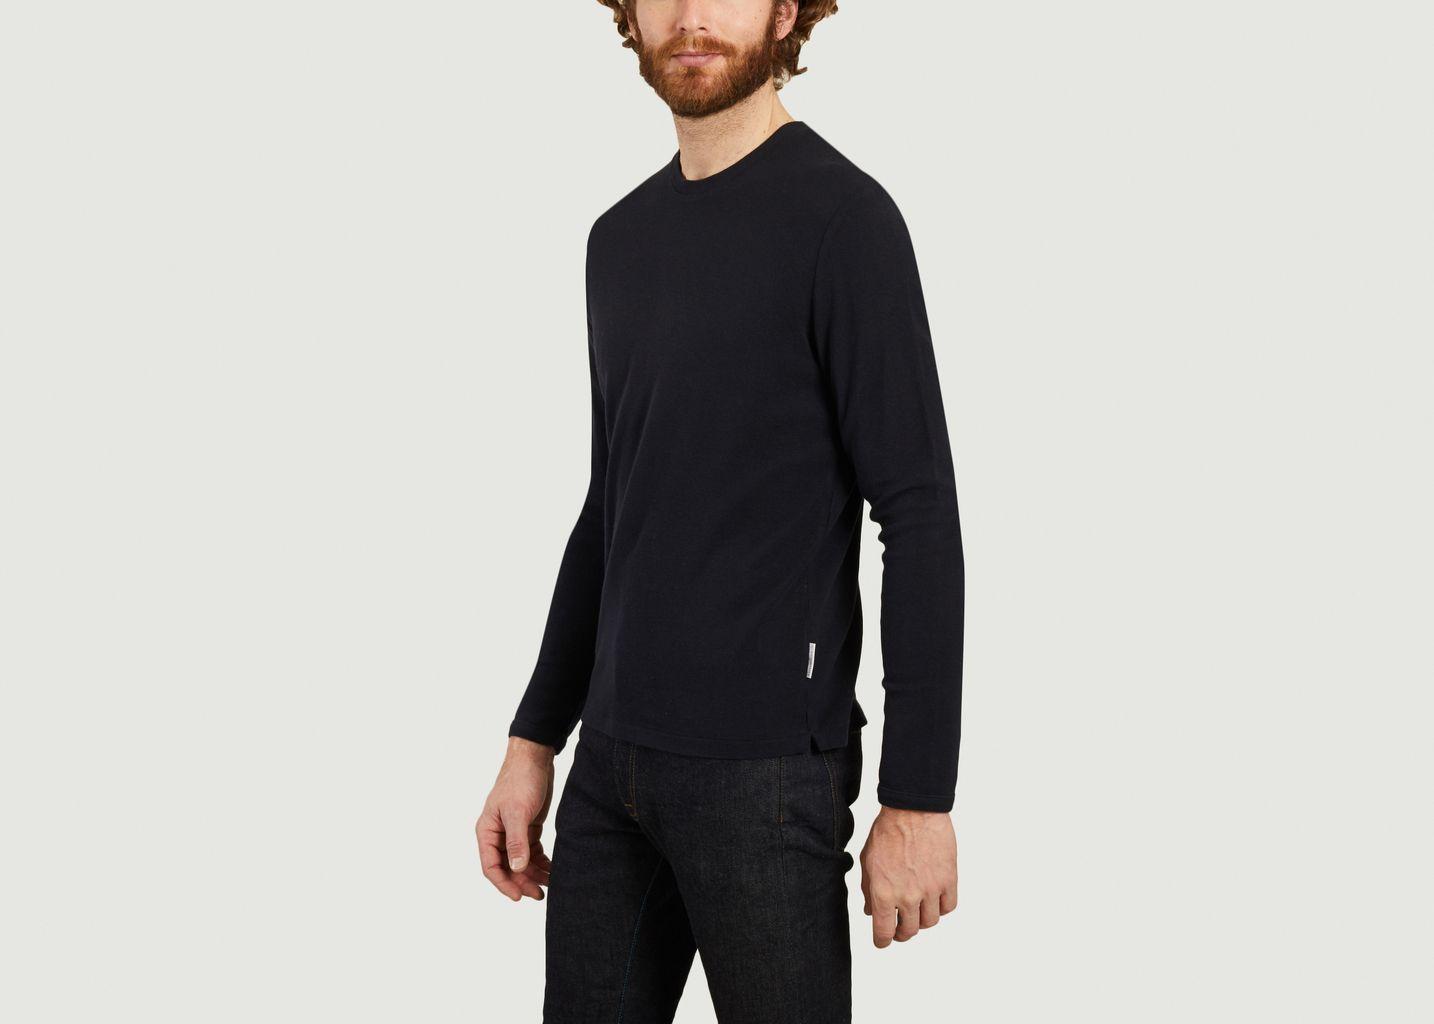 T-shirt Clive - NN07